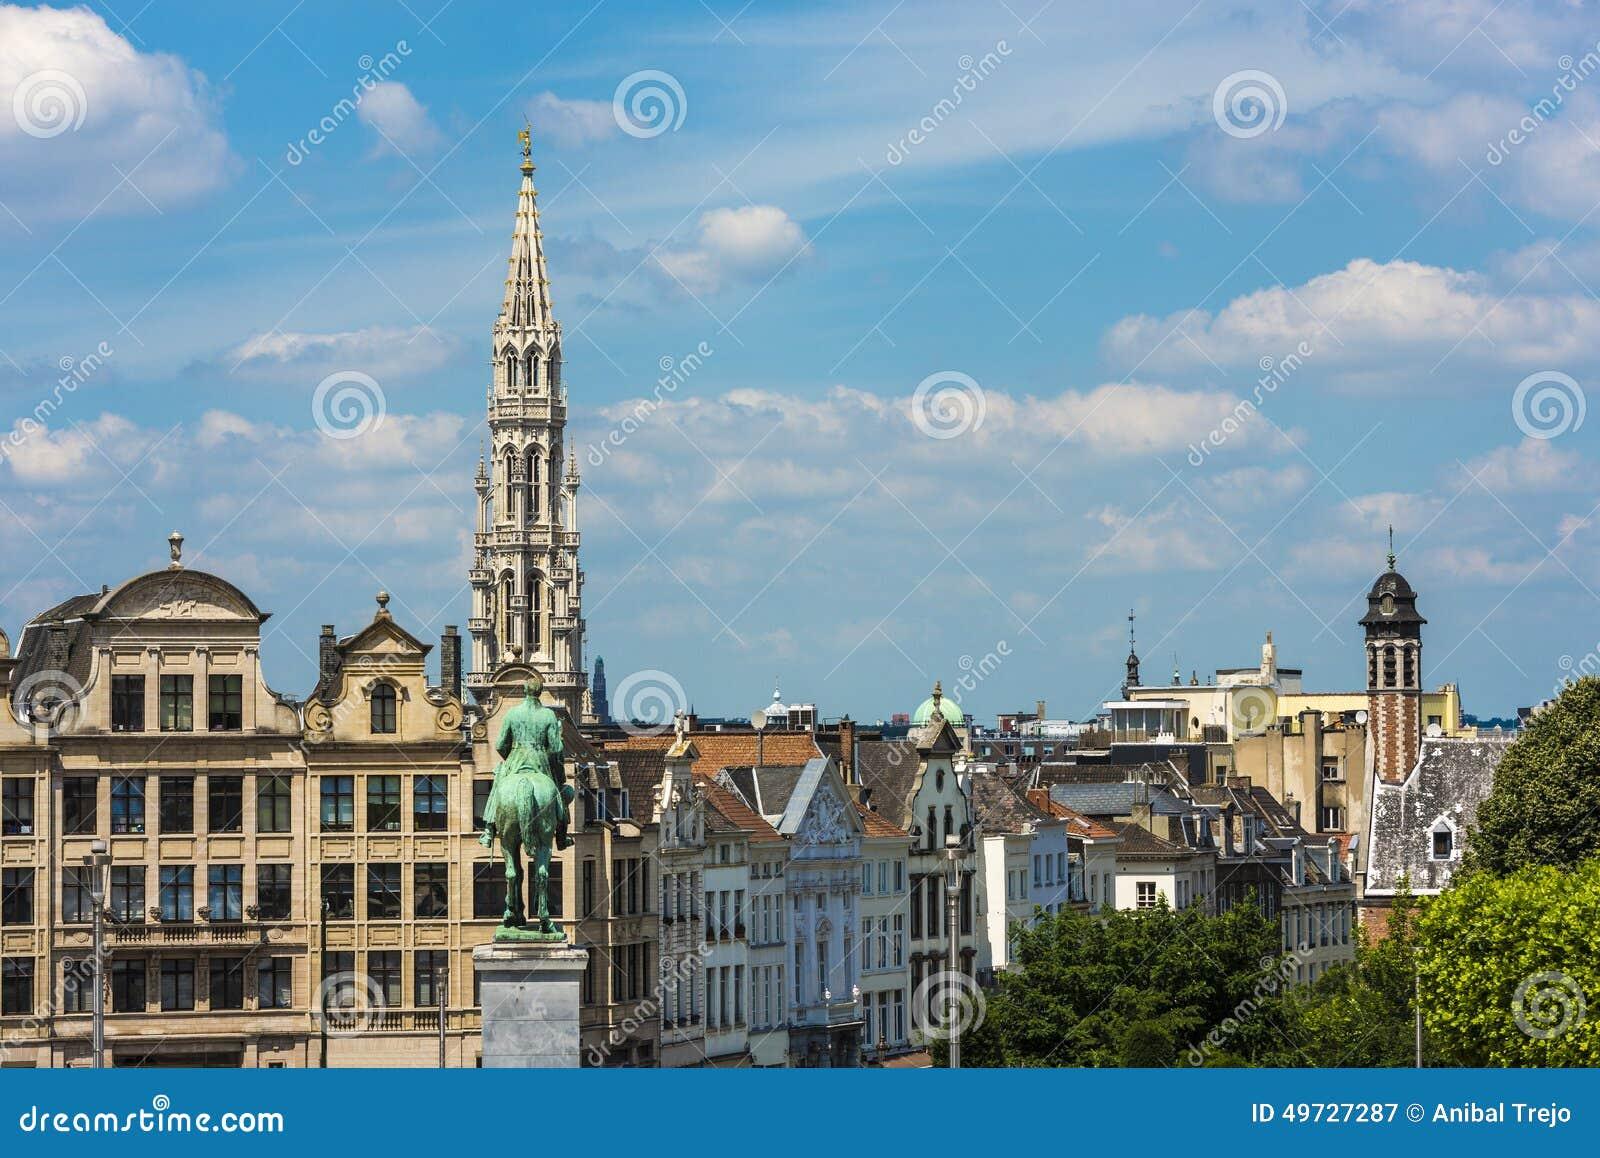 Montering av konsterna i Bryssel, Belgien